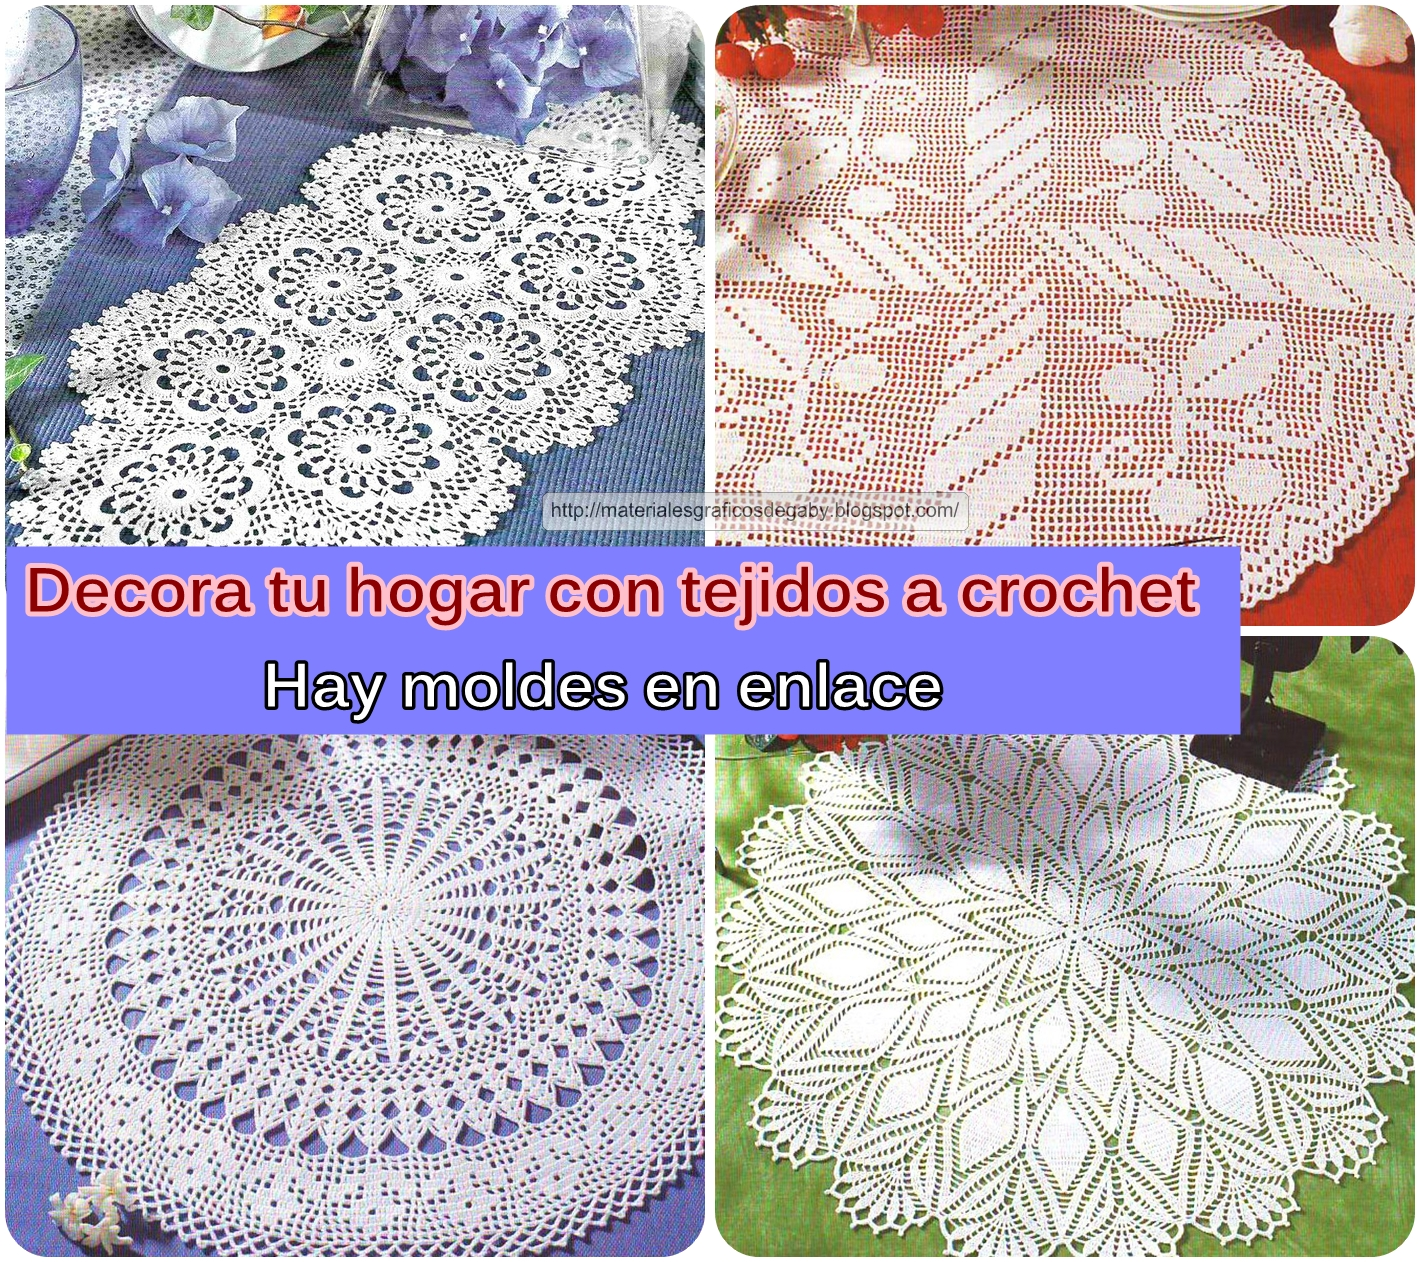 Materiales gráficos Gaby: Patrones de carpetas en crochet